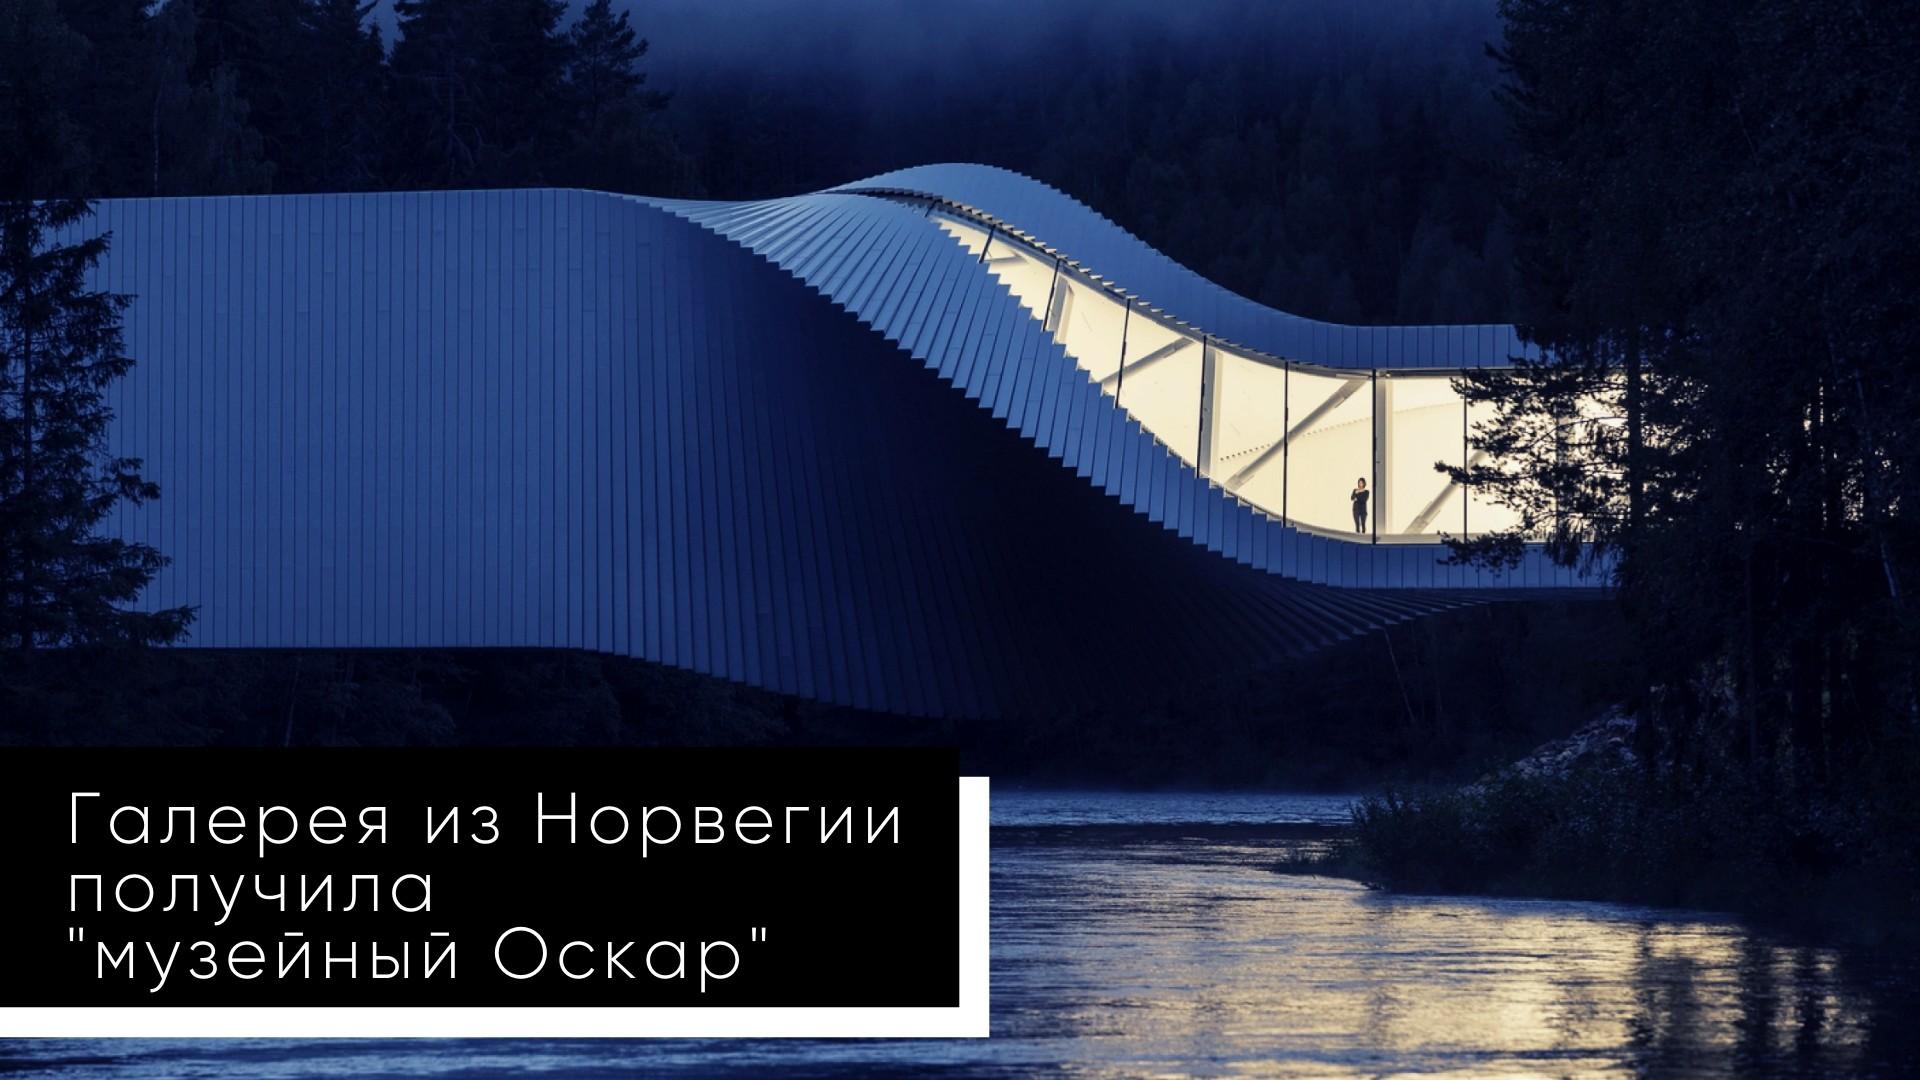 """Галерея в Норвегии получила """"музейный Оскар"""" за лучшую архитектуру"""